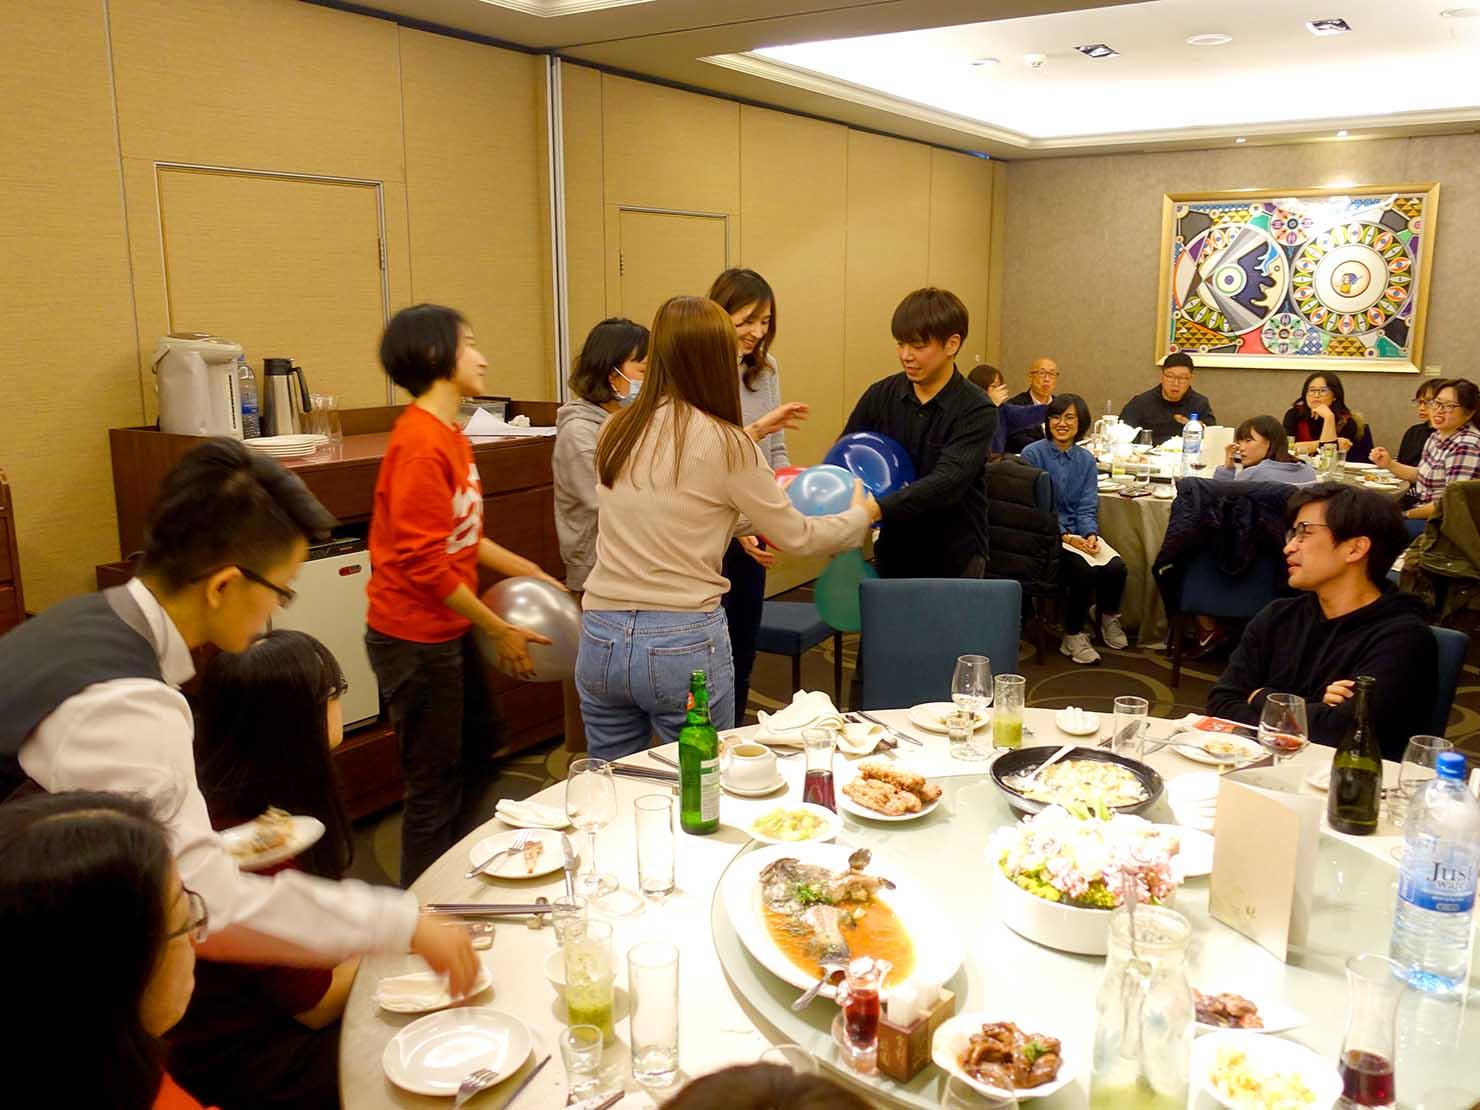 台湾春節前の定番忘年会「尾牙(ウェイヤー)」の紅包争奪ゲームに参加する同僚たち